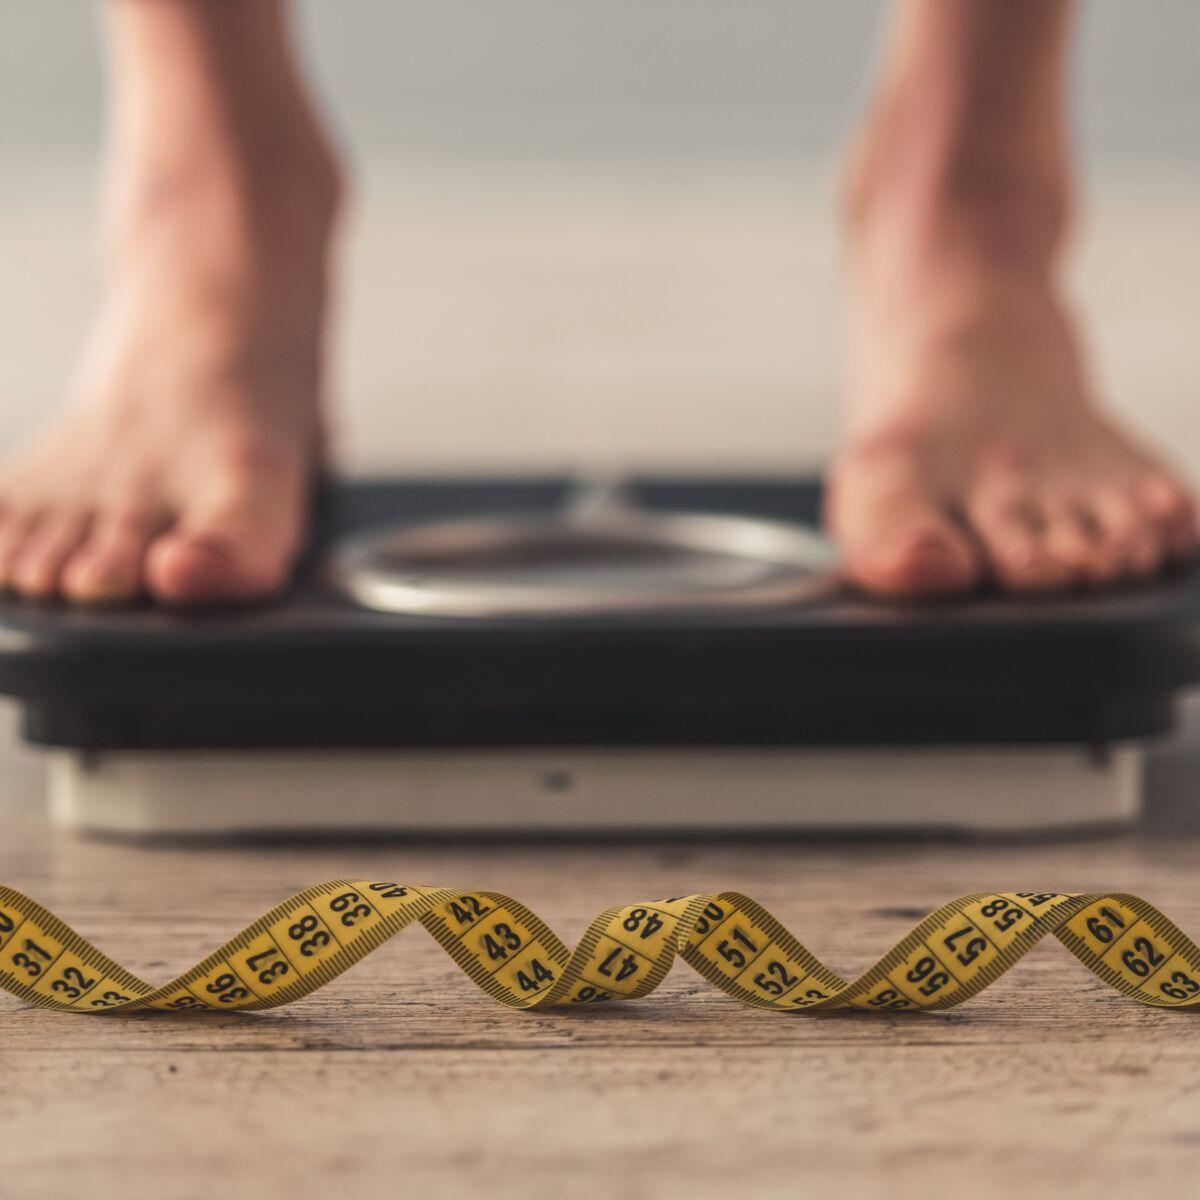 lhomme perd du poids en 6 mois Le corps complet du trader Joe nettoie la perte de poids